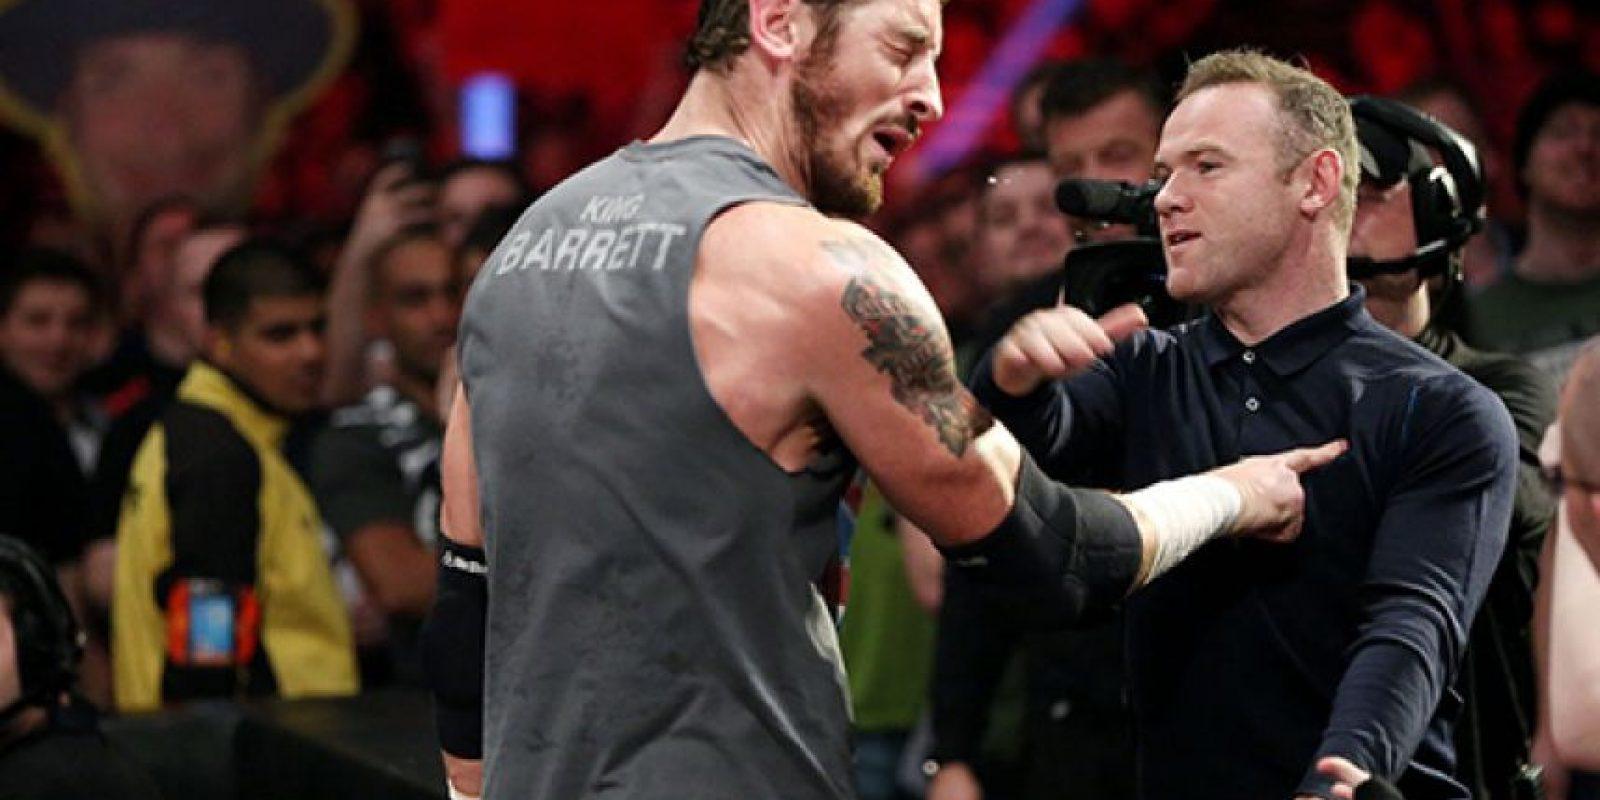 El momento en el que Rooney golpeó a Barrett Foto:WWE